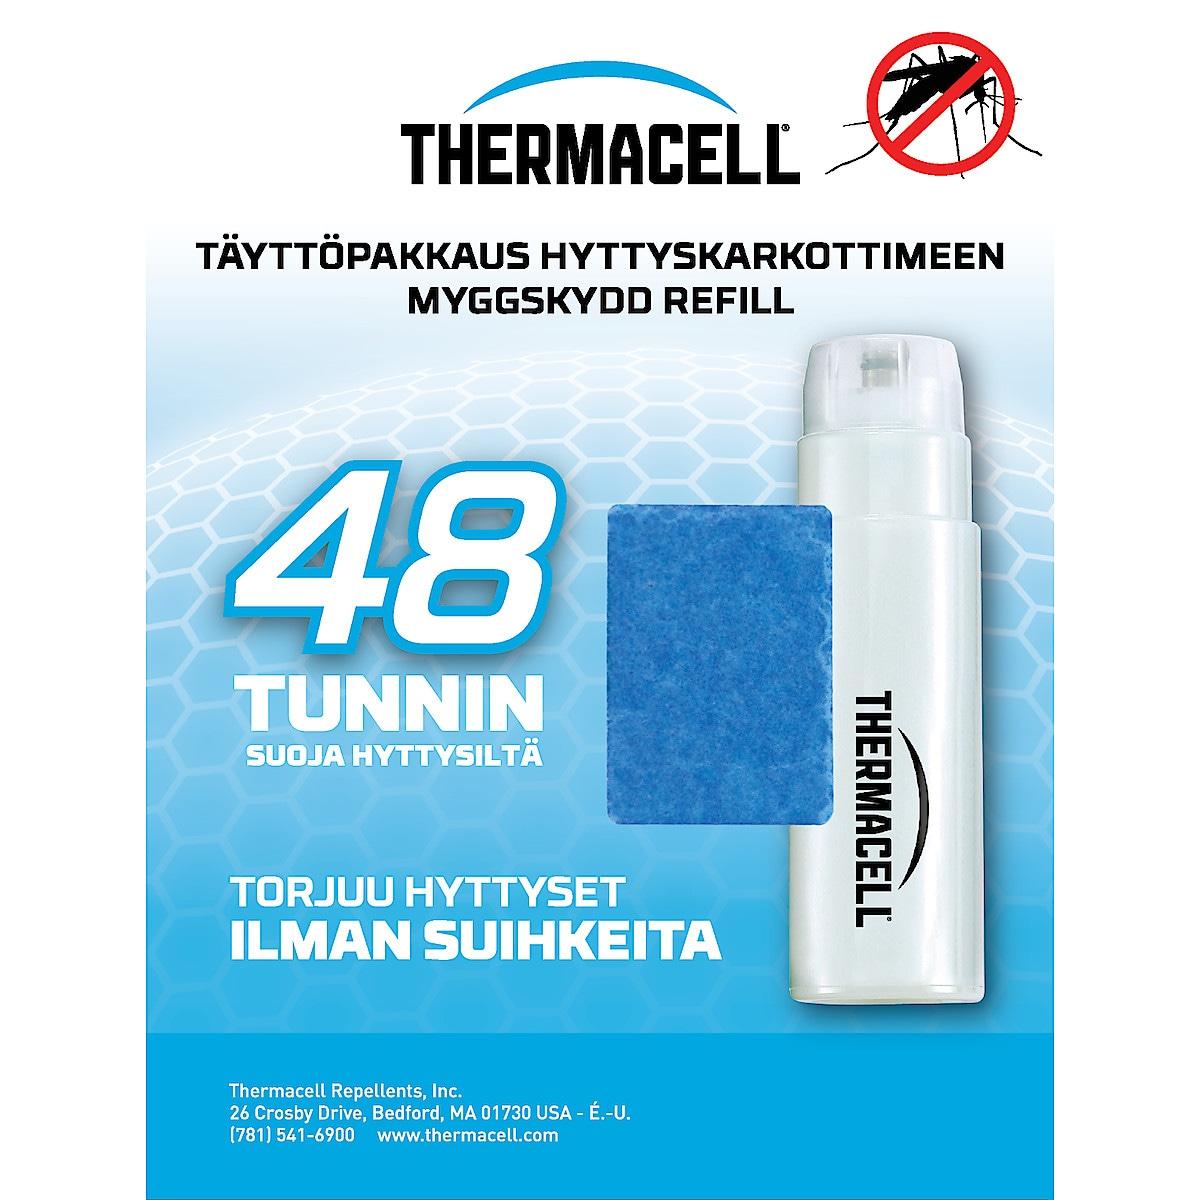 Täyttöpakkaus hyttyskarkottimeen Thermacell 4 kpl